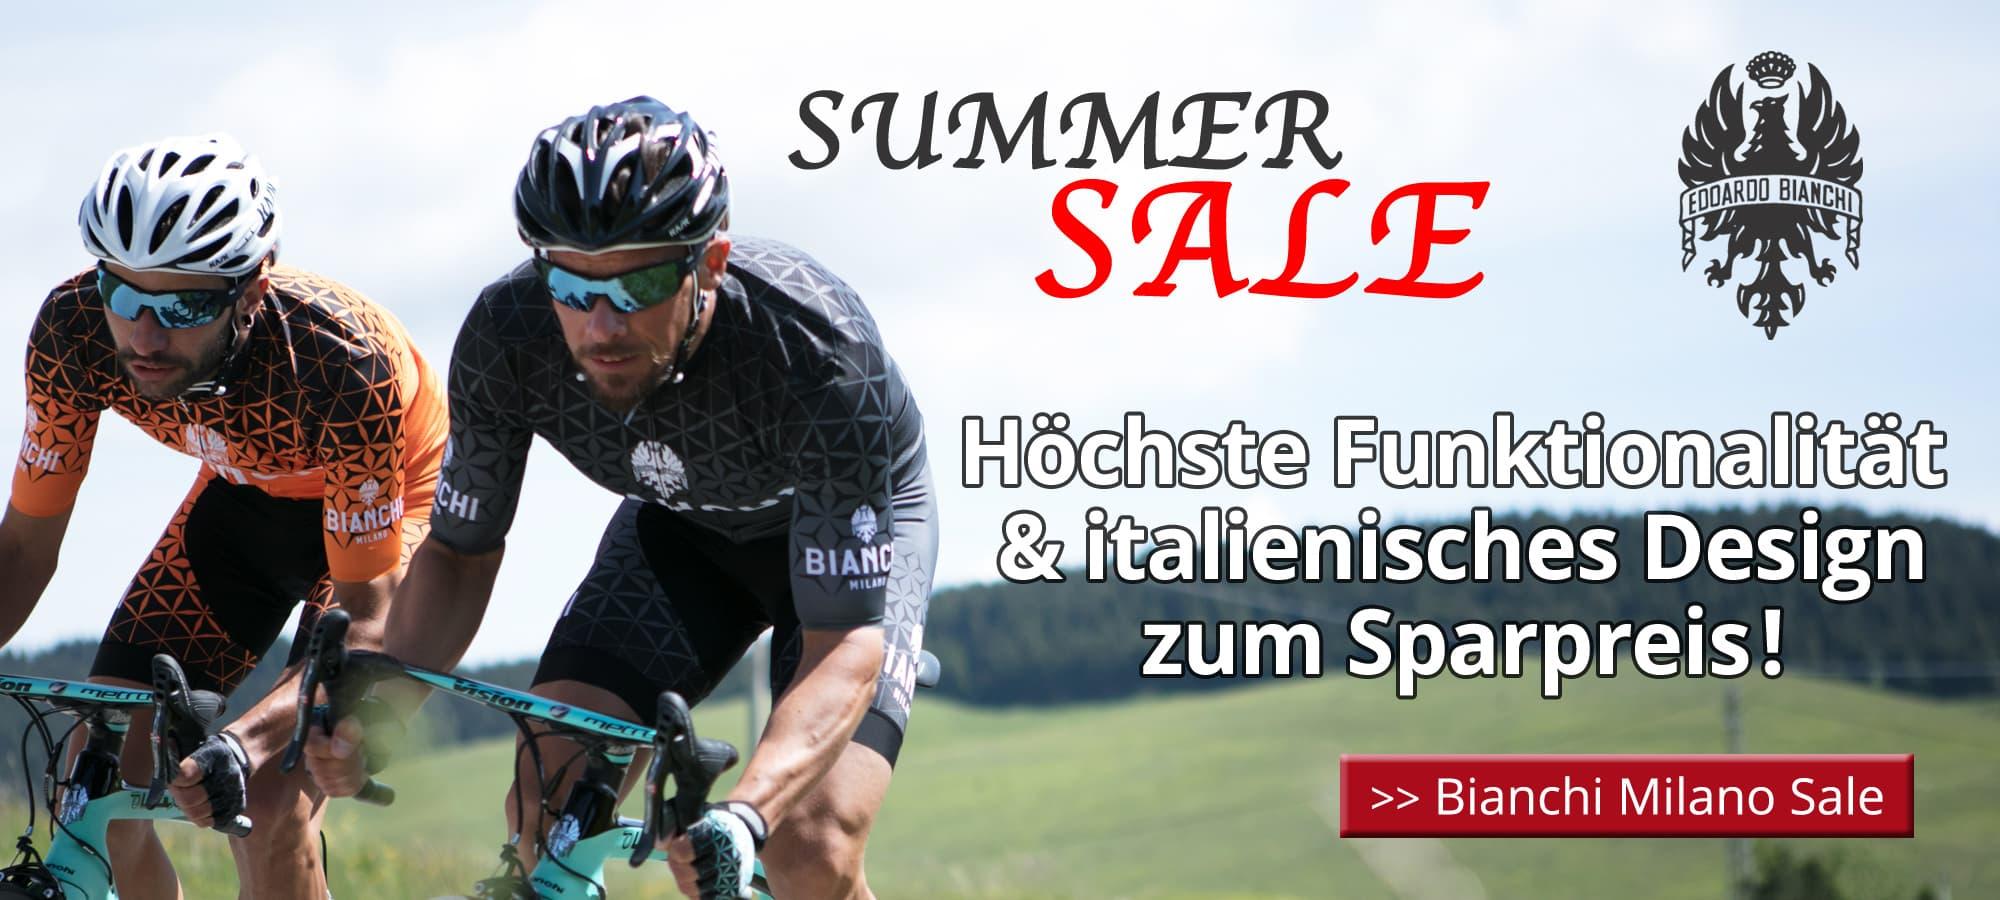 Bianchi Milano Summer Sale - Höchste Funktionalität & italienisches Design zum Sparpreis